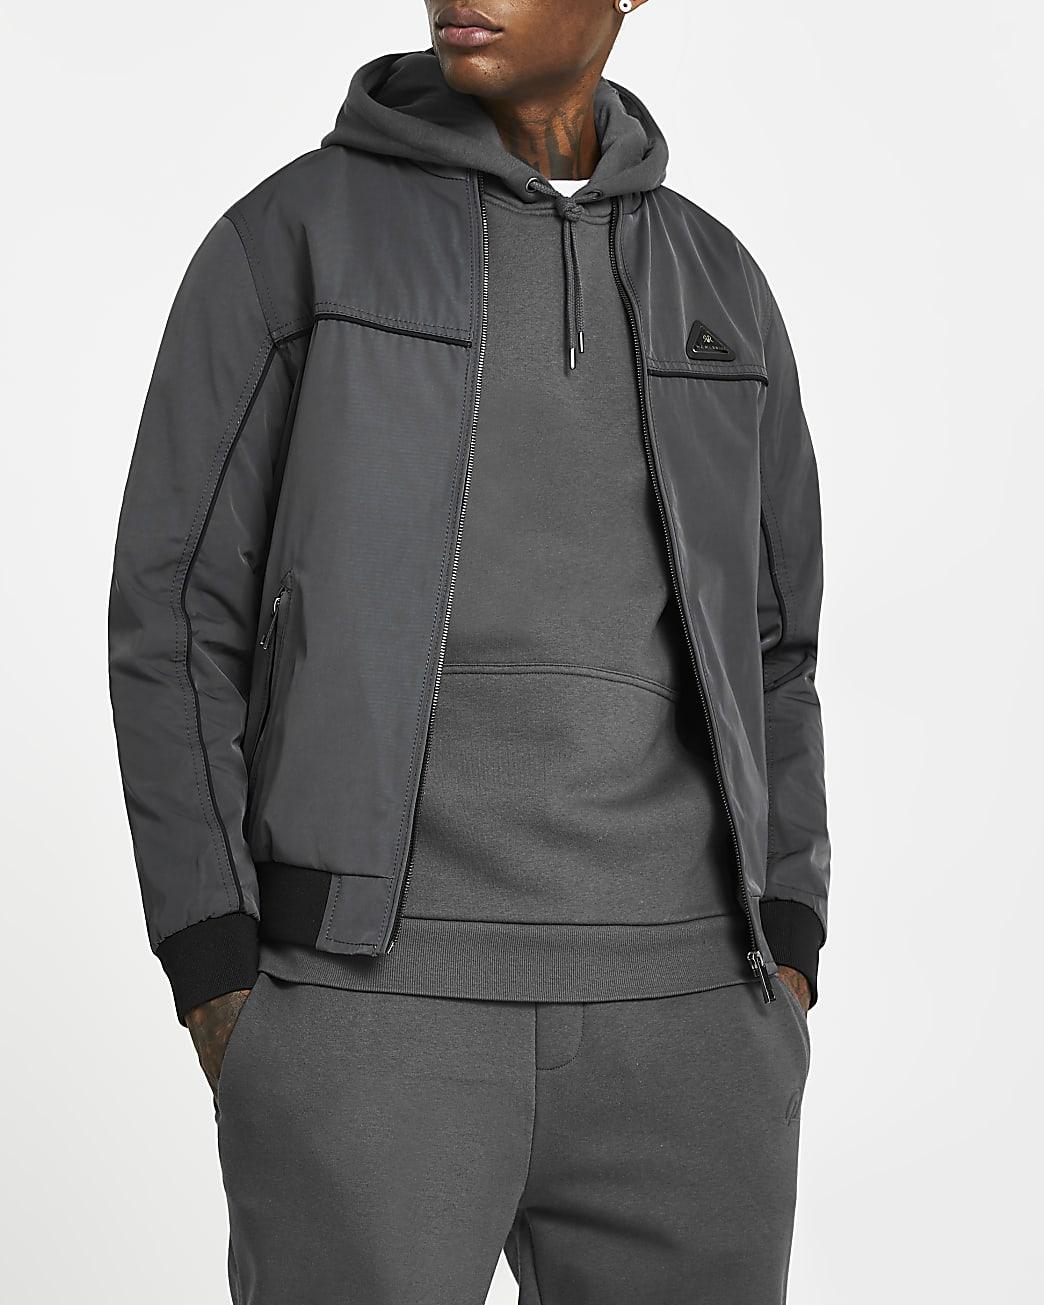 MCMLX grey zip front racer jacket